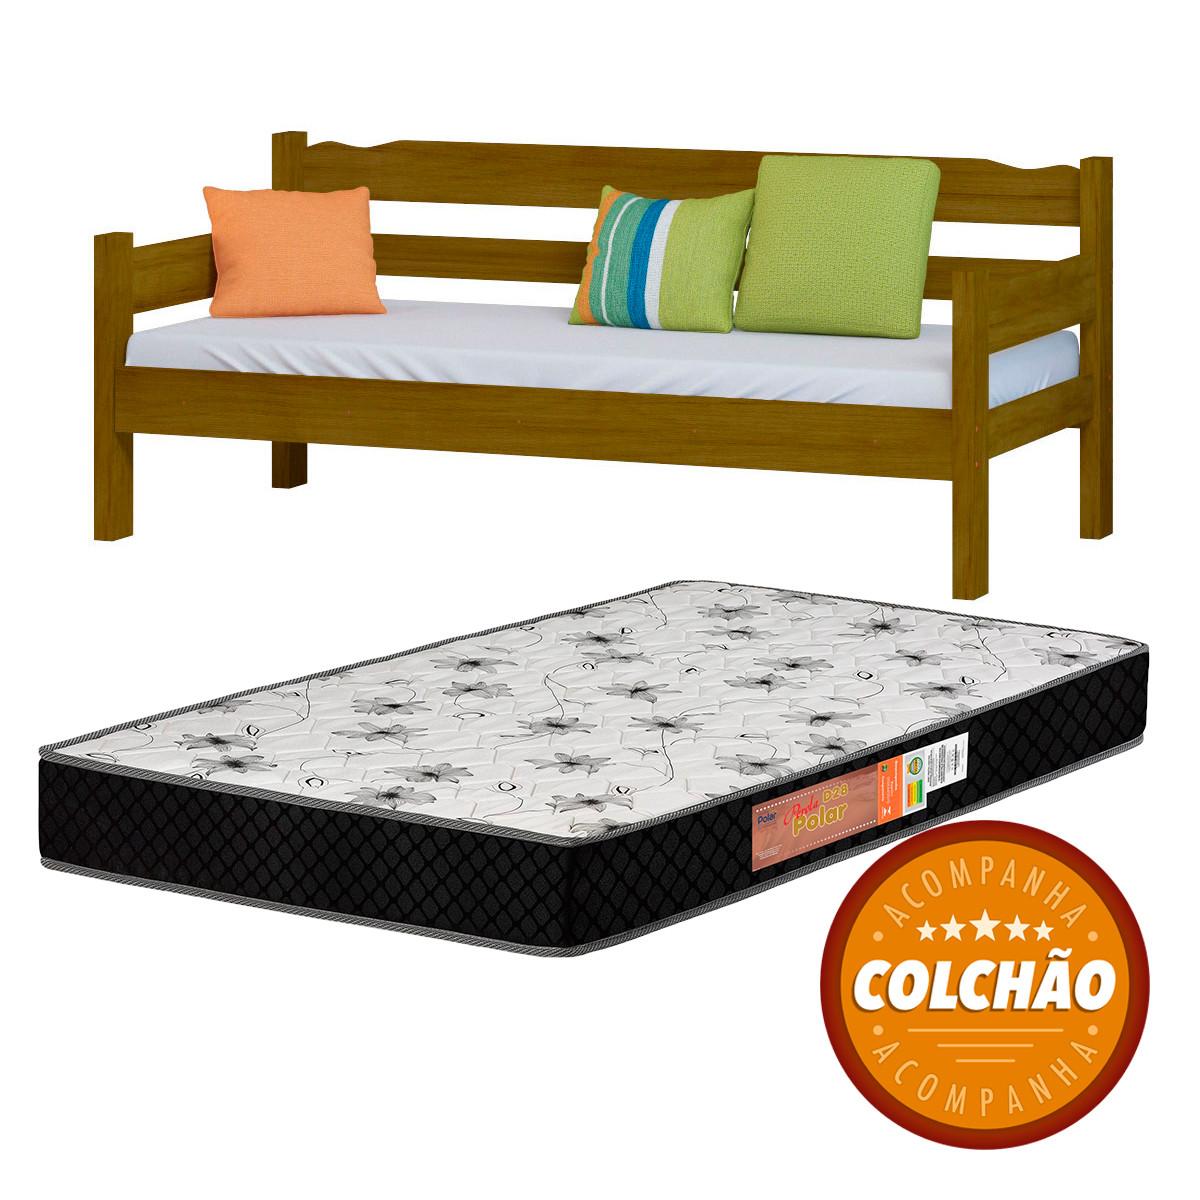 Sofa Cama Cor Imbuia + Colchao